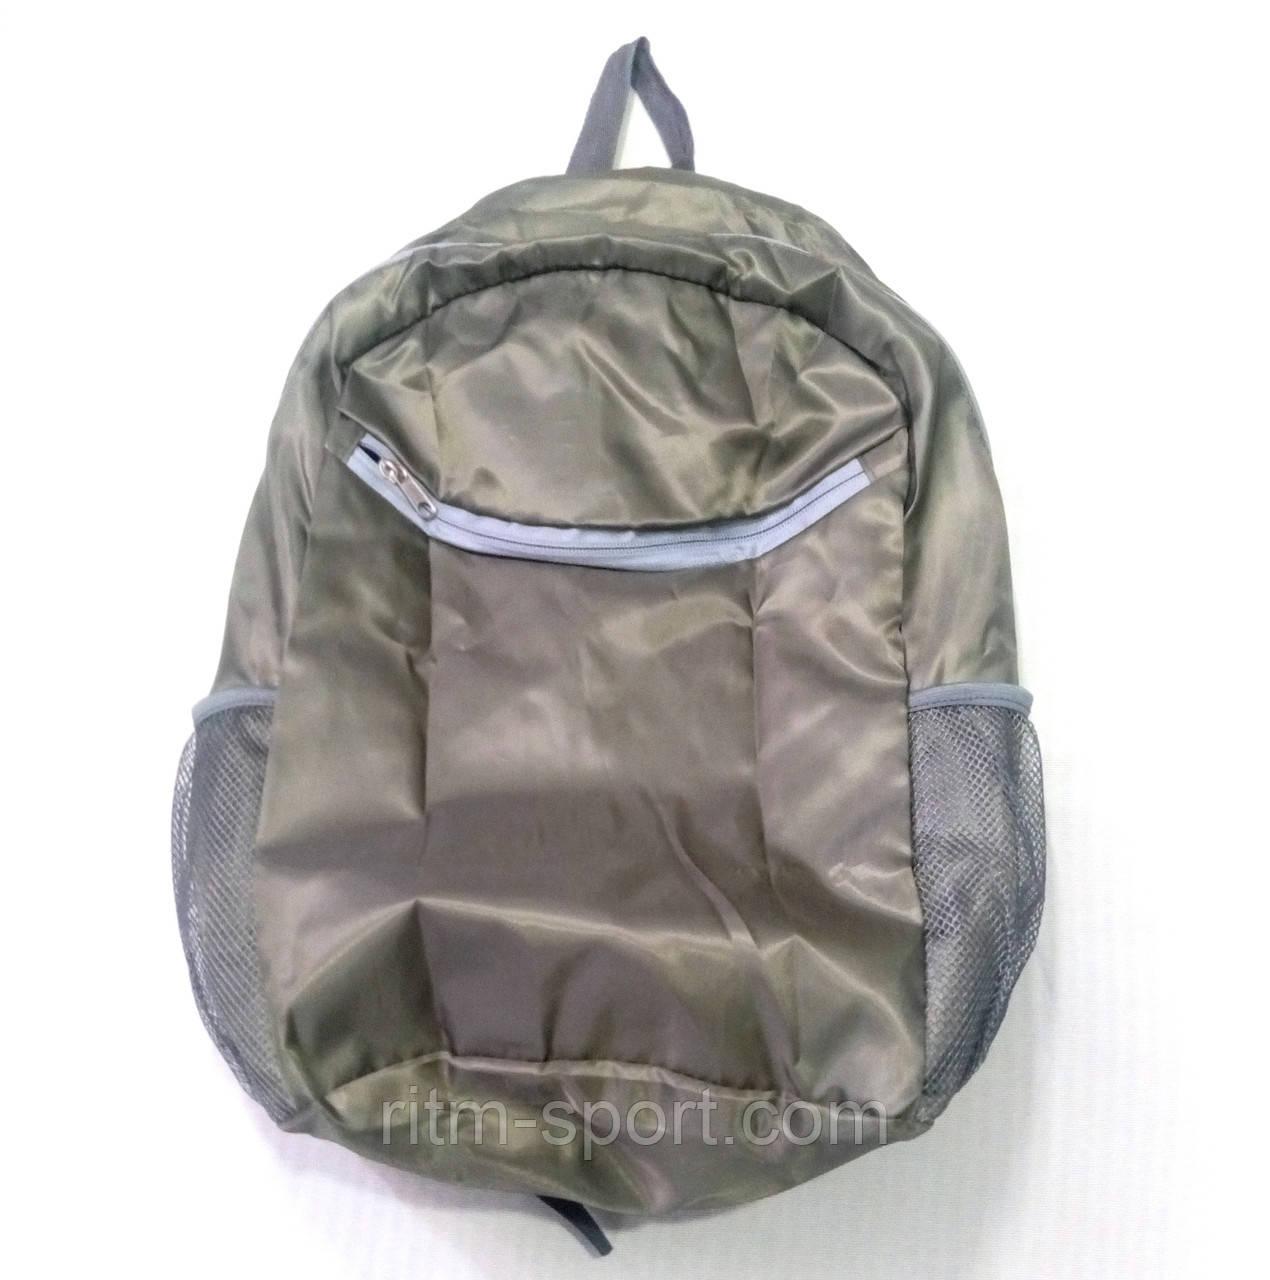 Рюкзак спортивный складной ( 35 L)